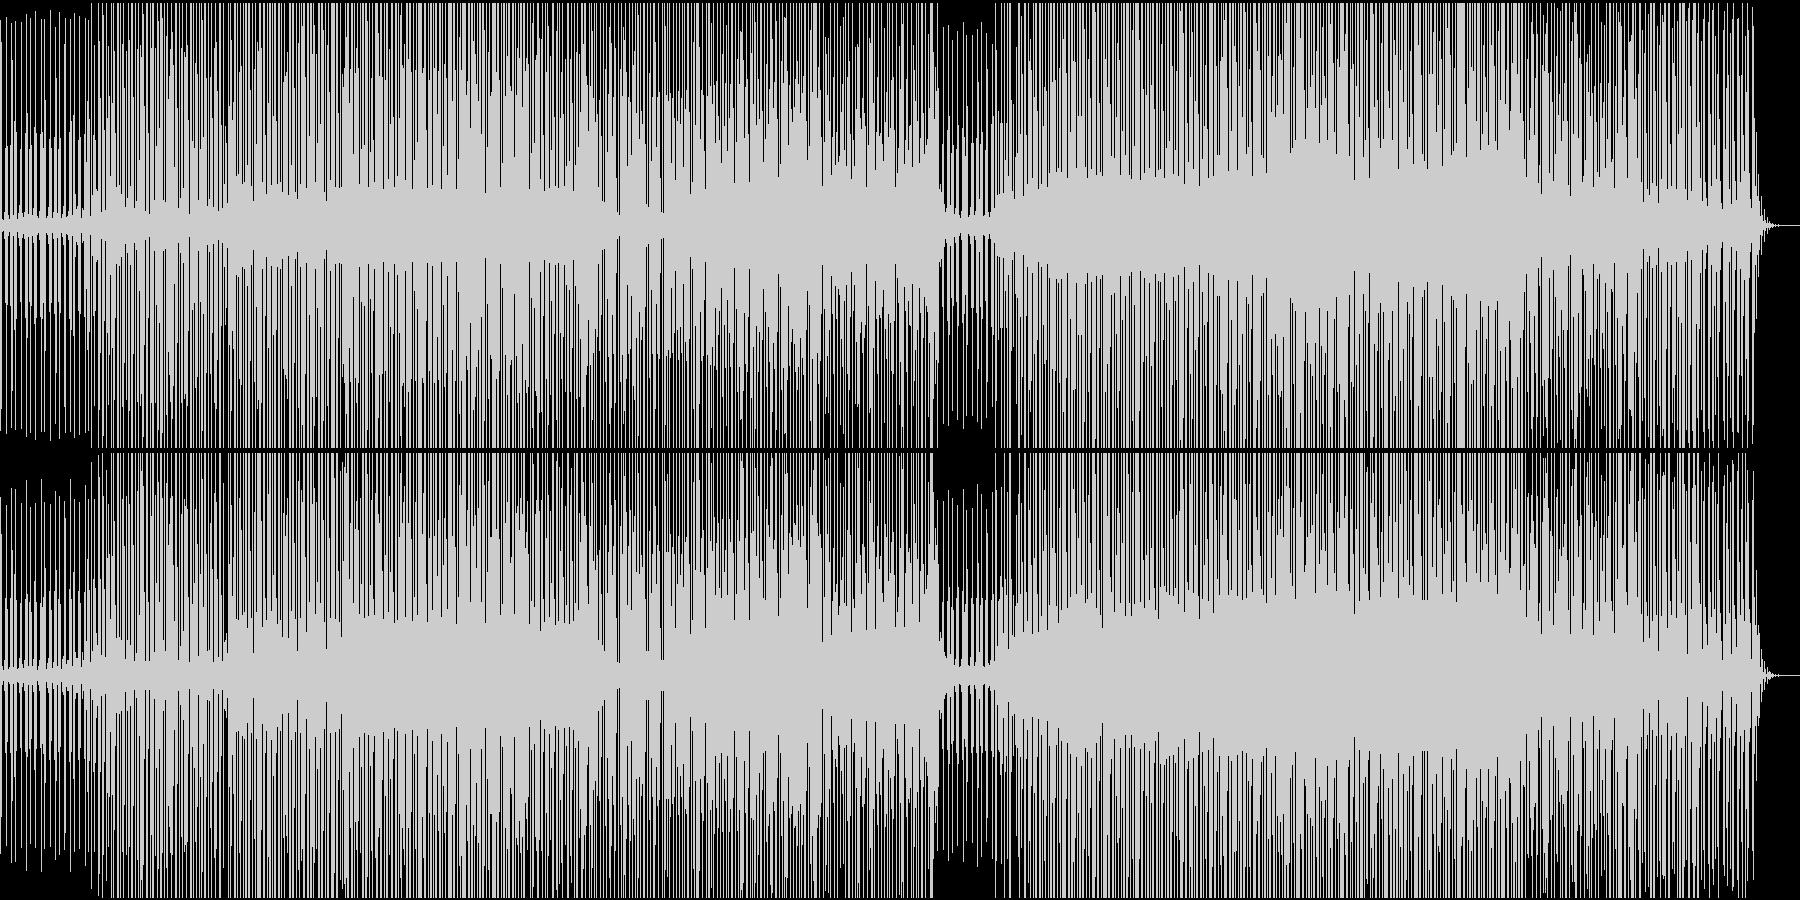 ふわふわした雰囲気のエレクトロニカの未再生の波形